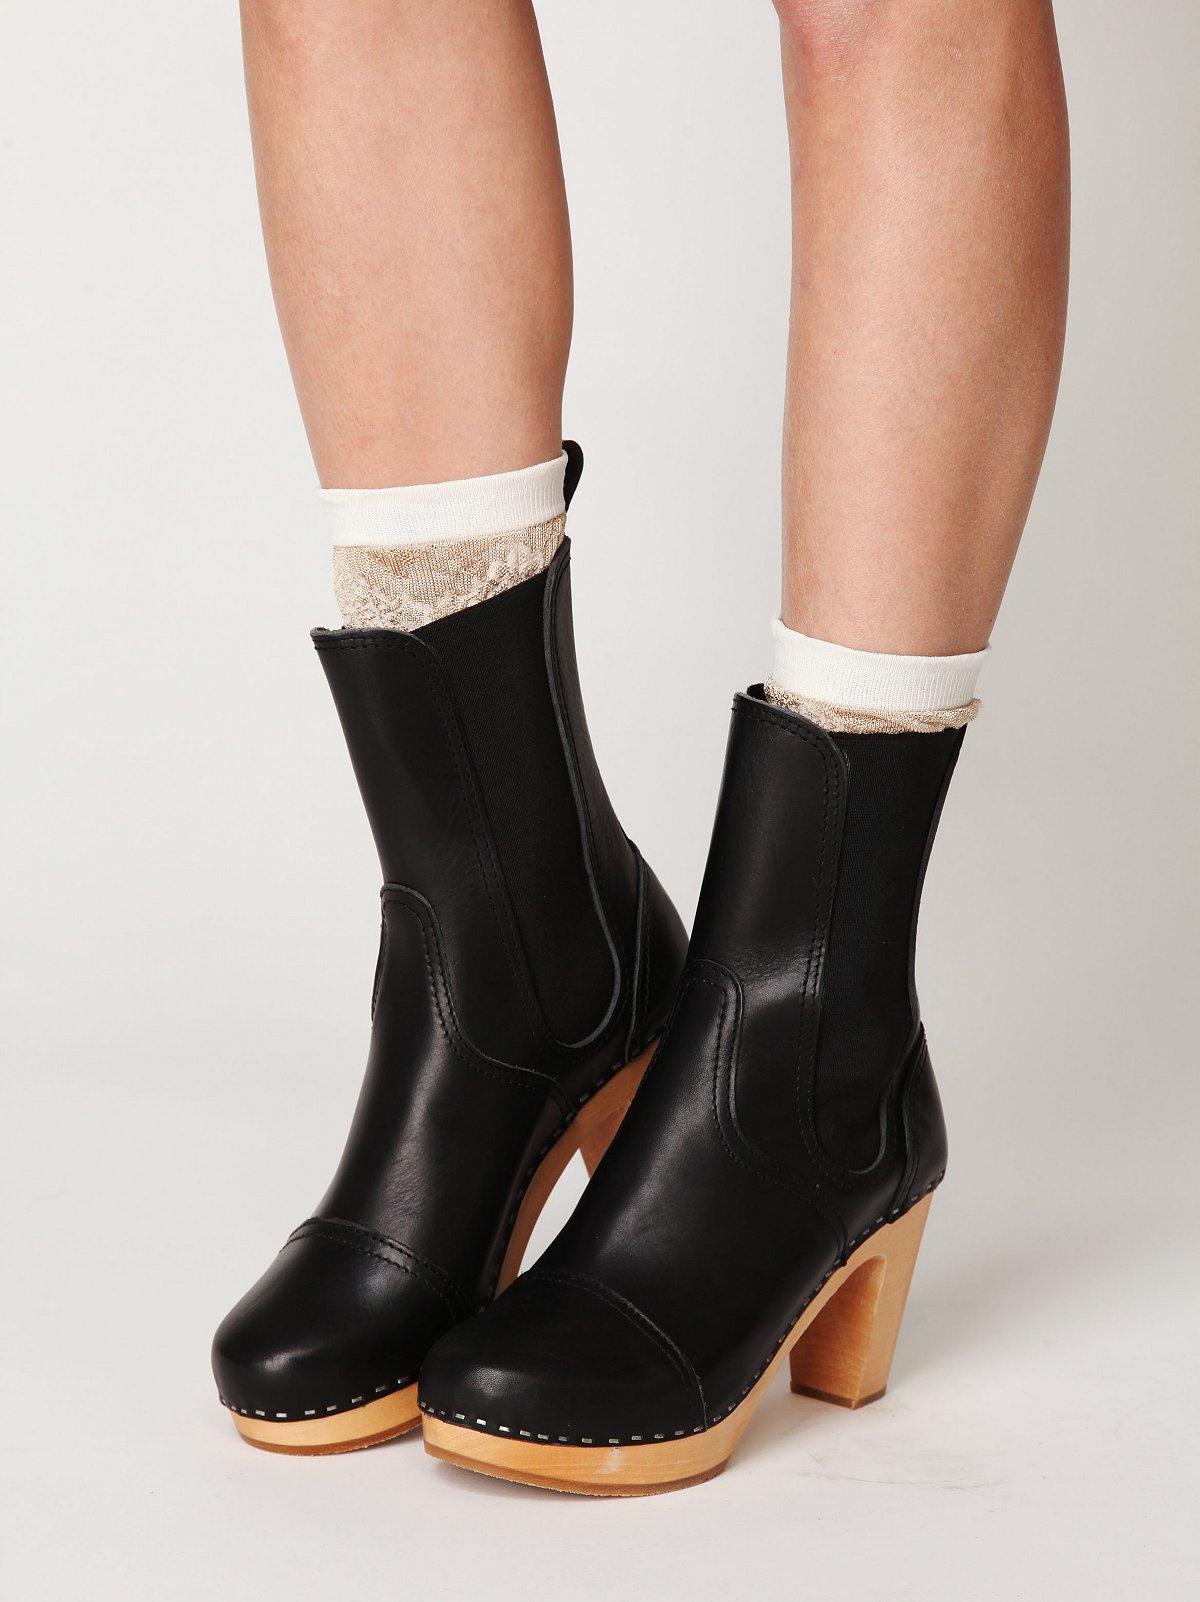 Cilla Chelsea Boot